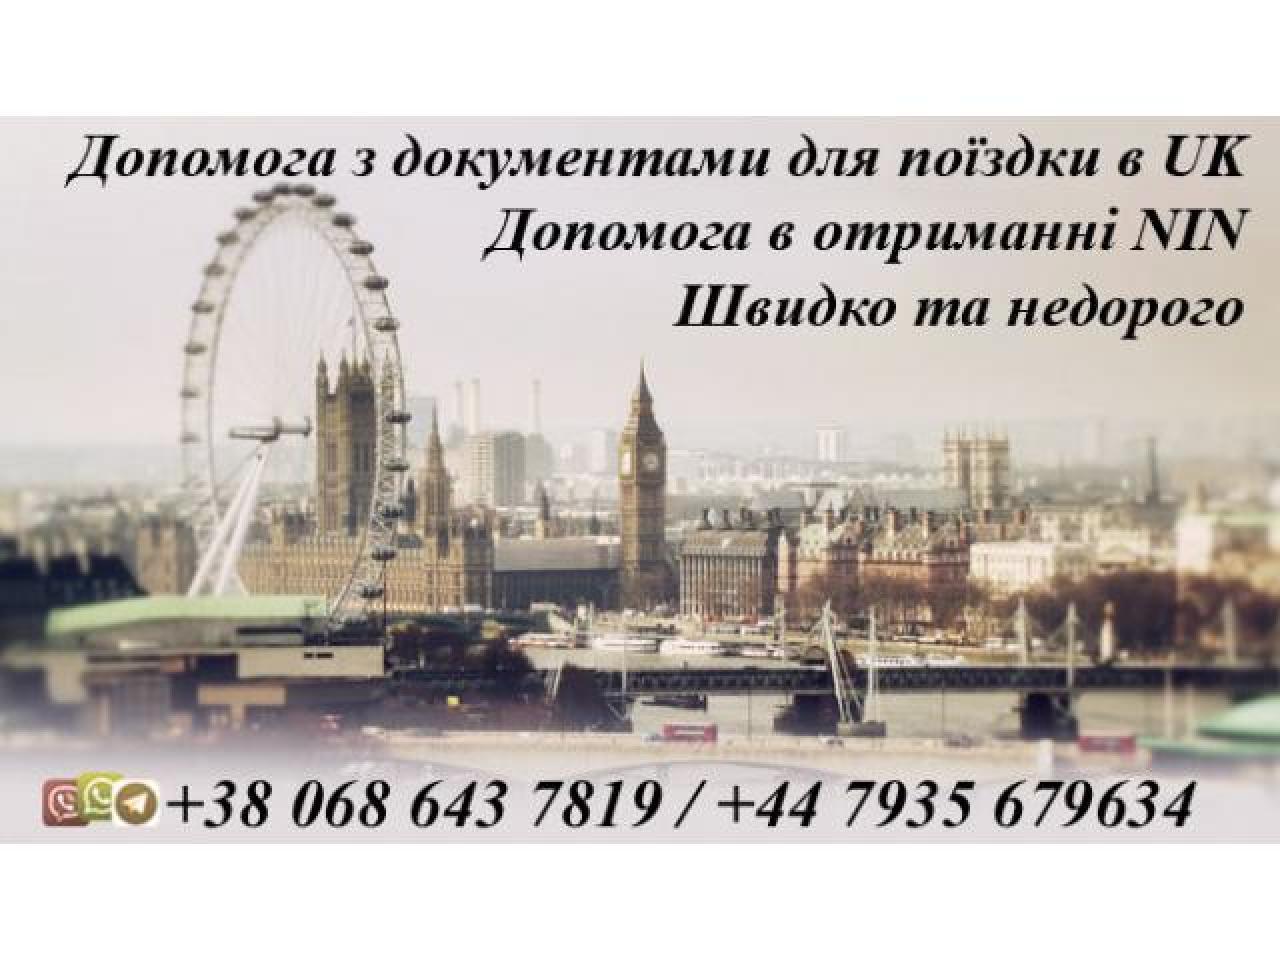 Иммиграционные услуги! Евродокументы! Поездка в Англию! NIN! - 1